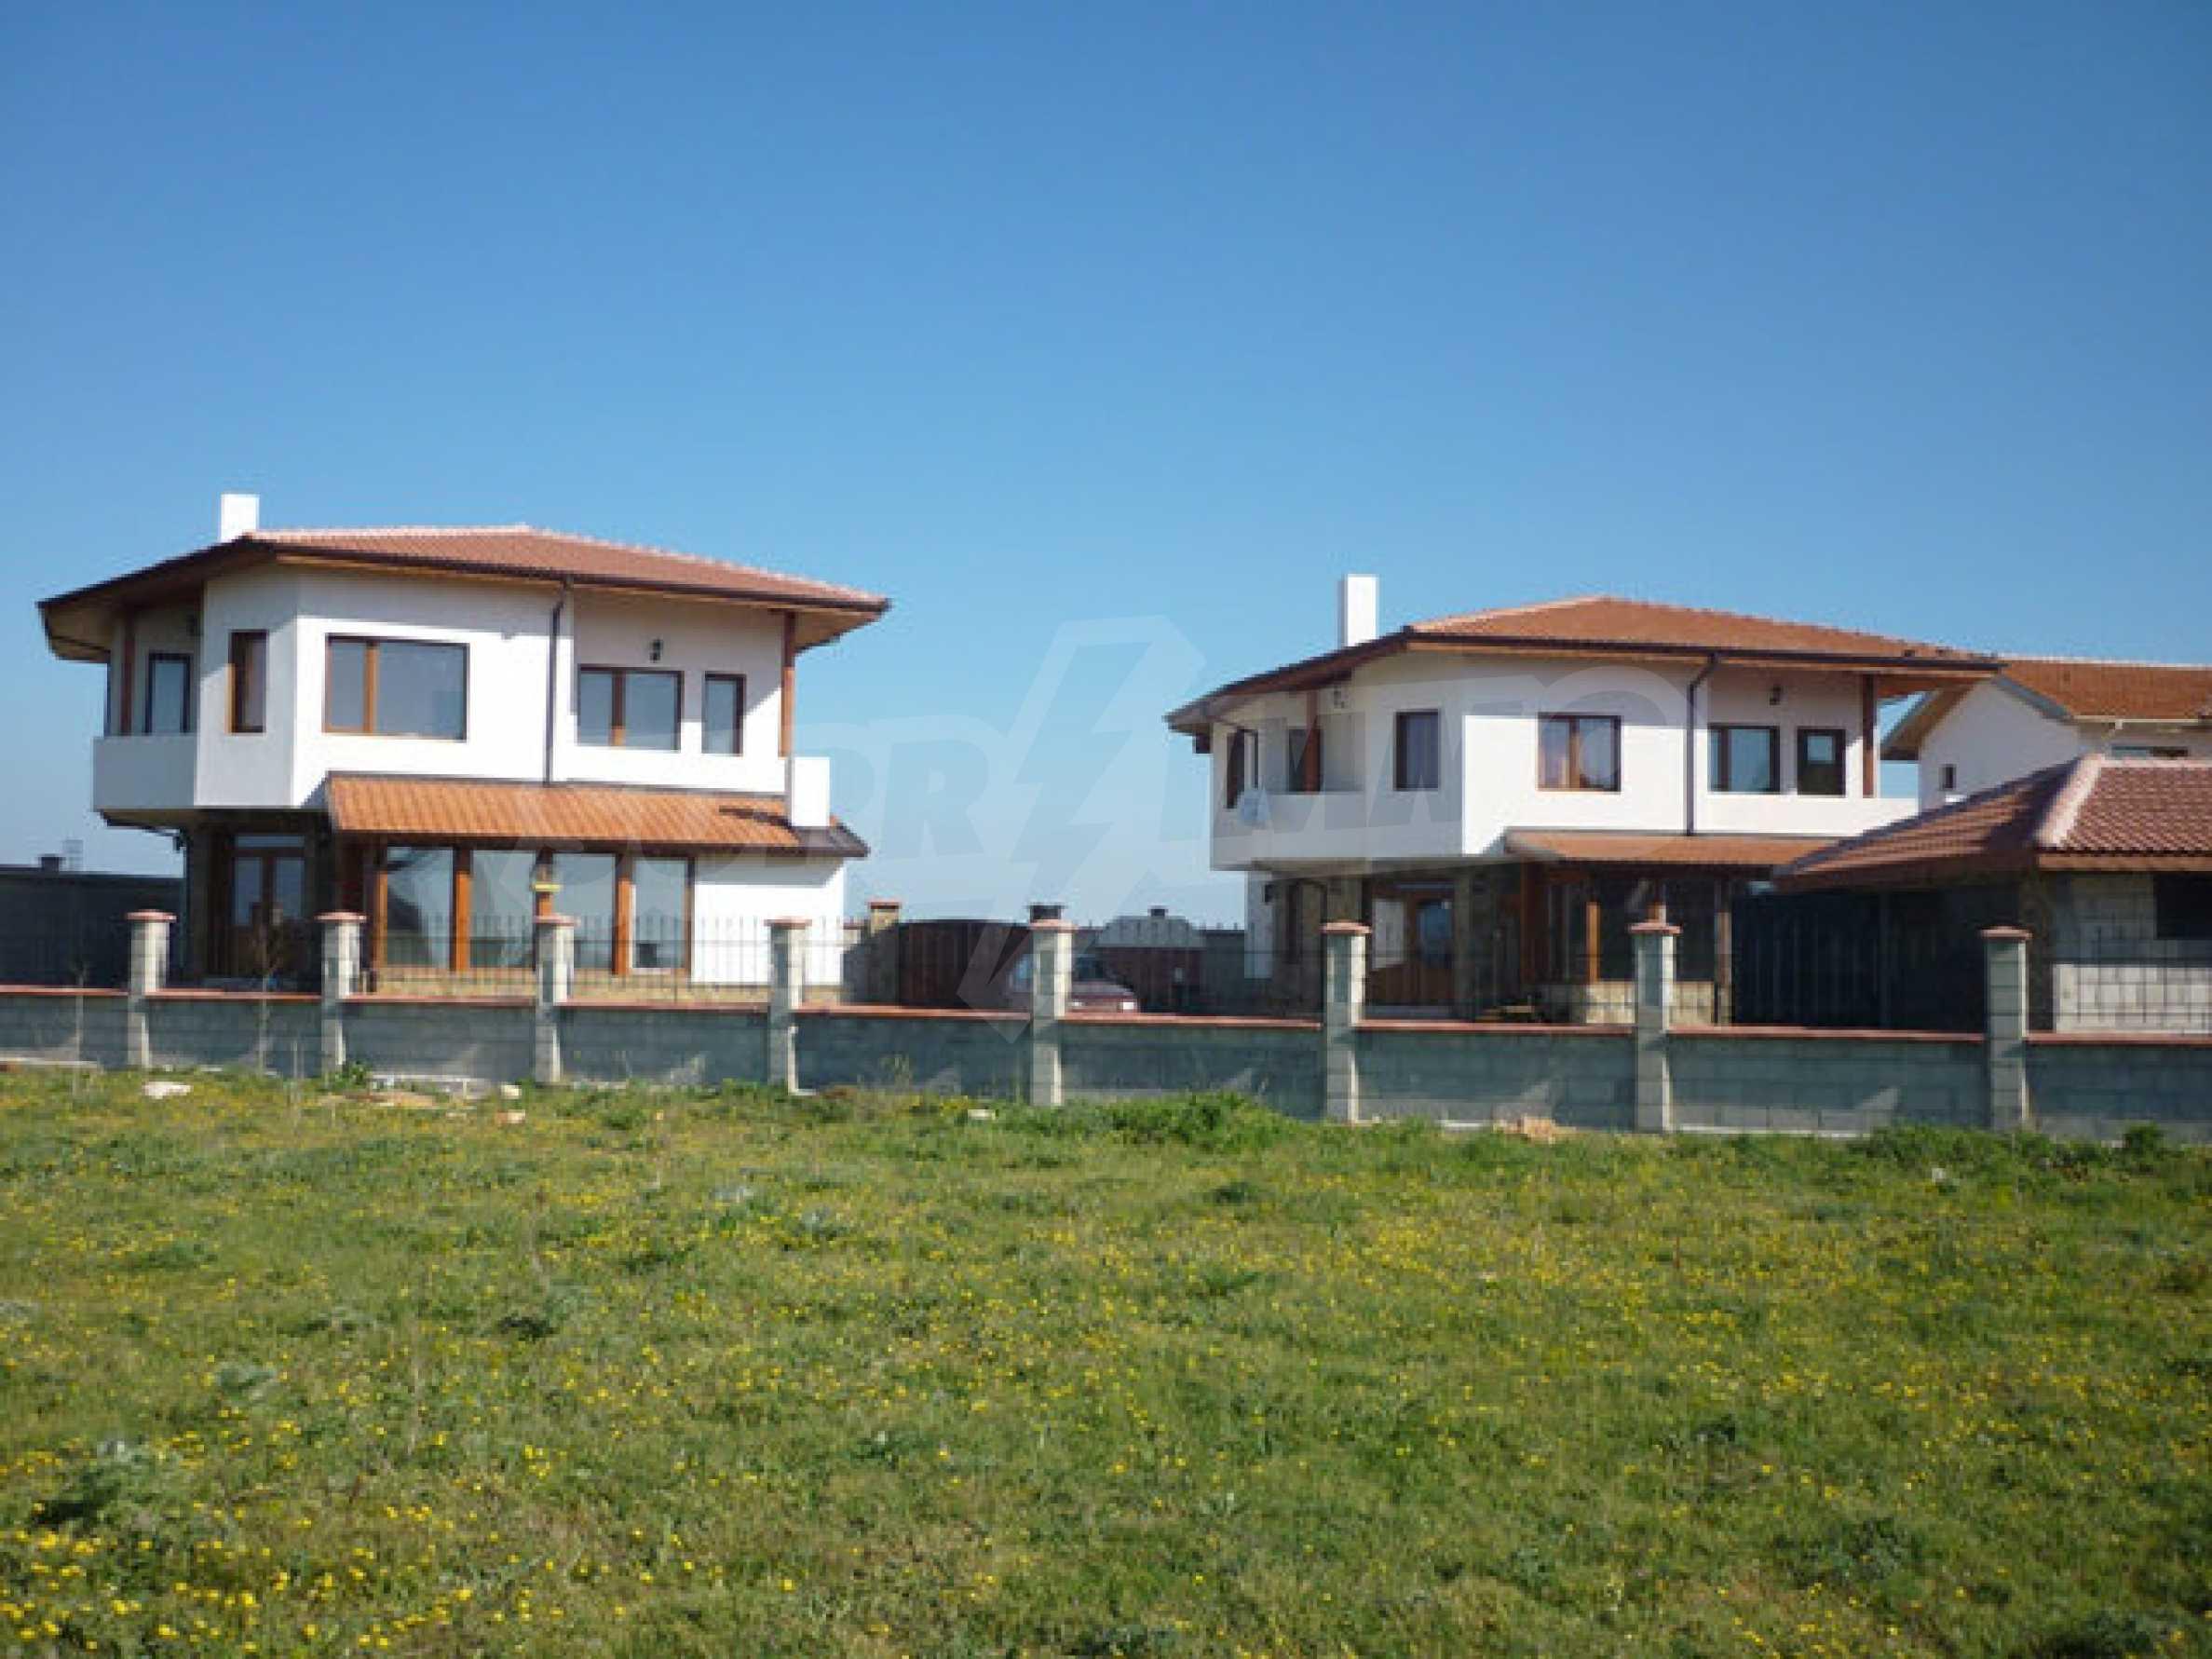 House near Kavarna and Kaliakria resort